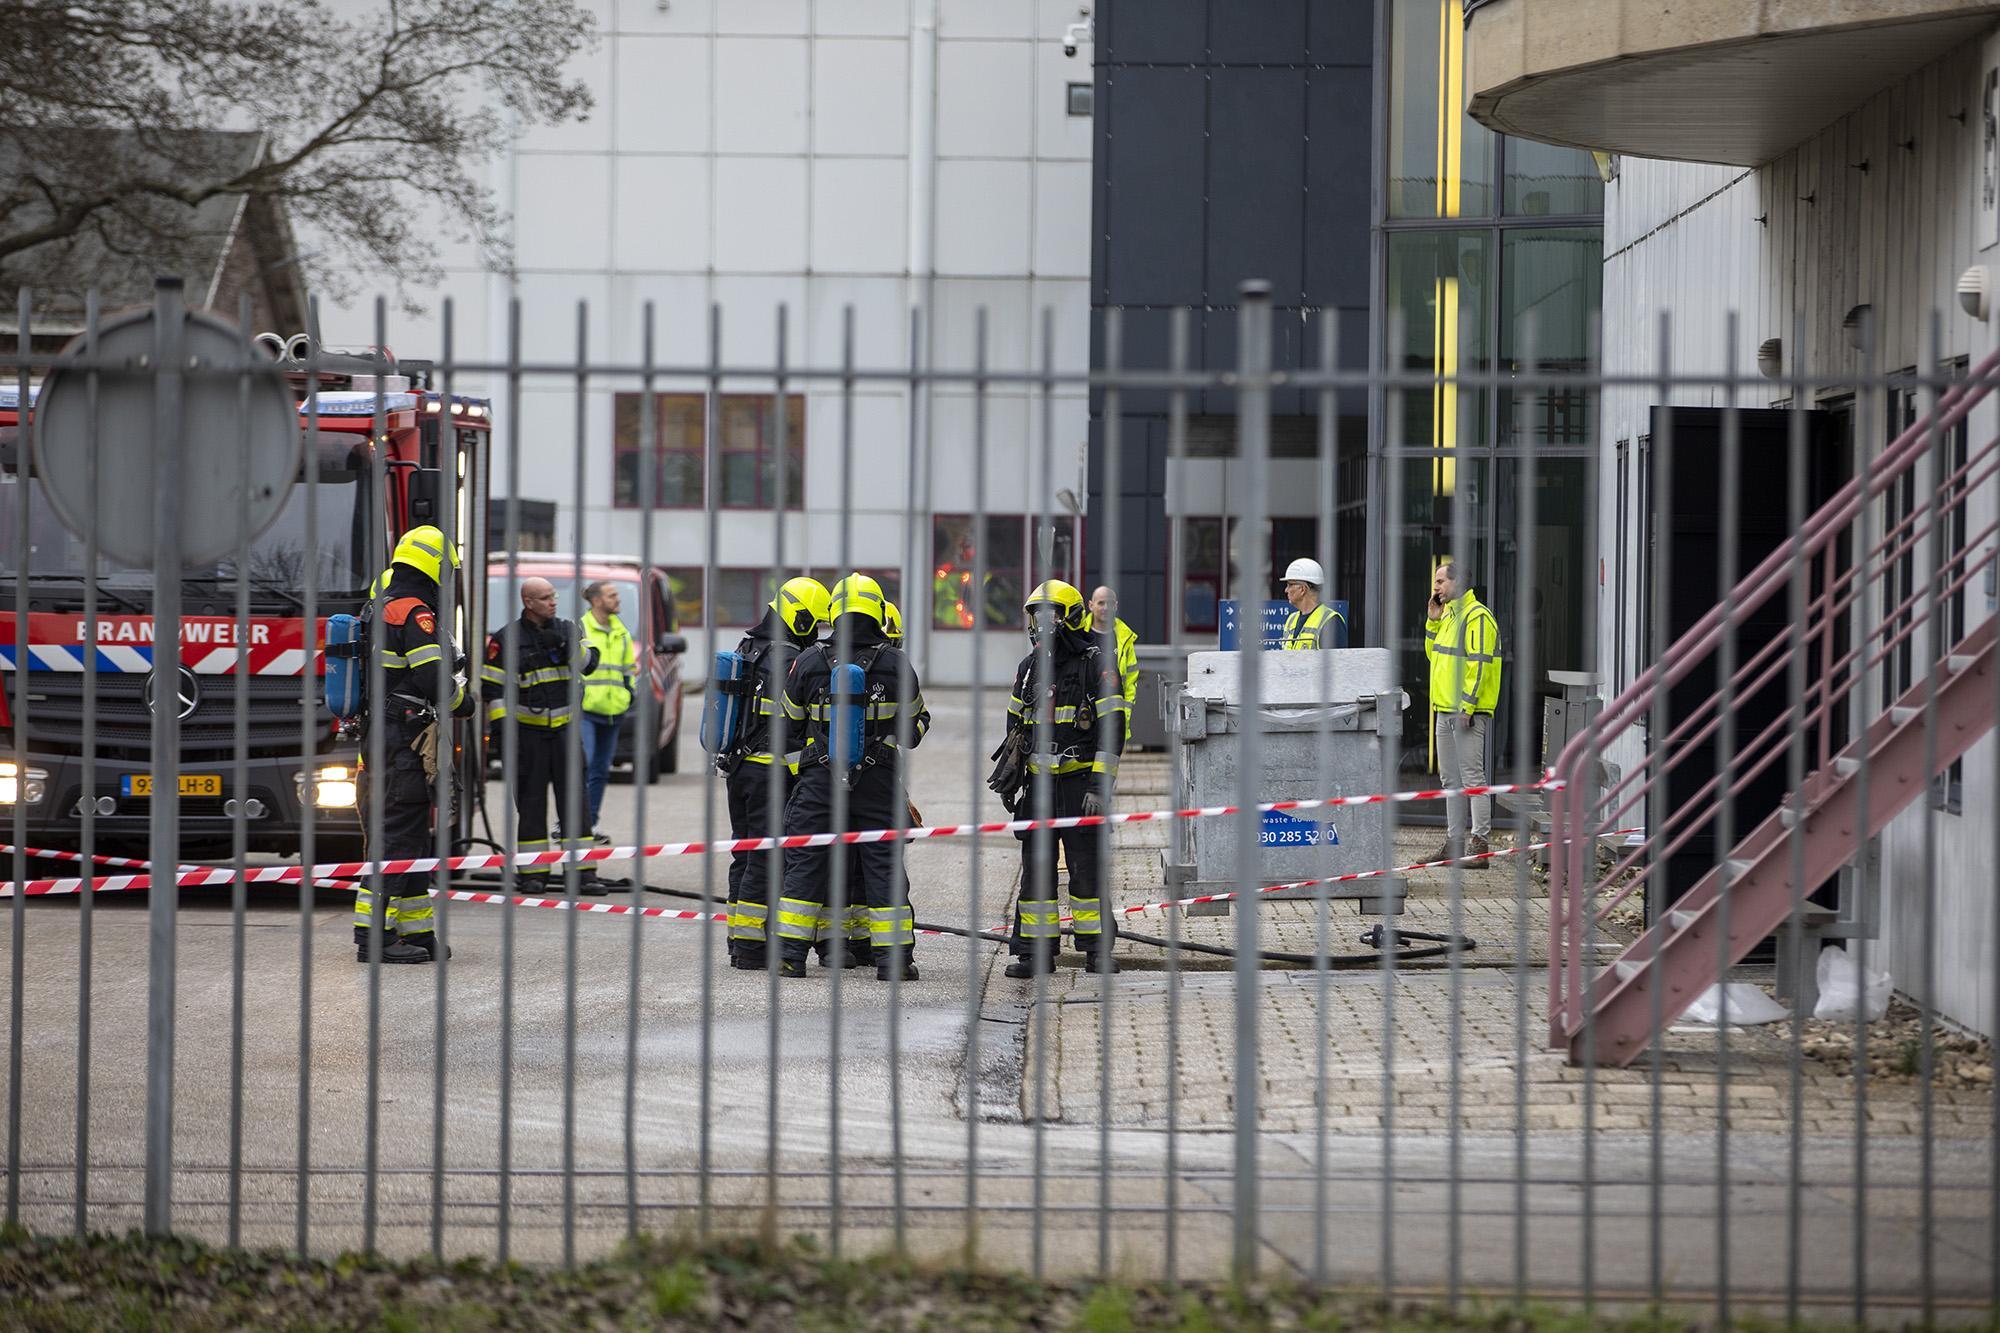 Incident met gevaarlijke stoffen bij Nedtrain in Haarlem, gebouw afgesloten met lint